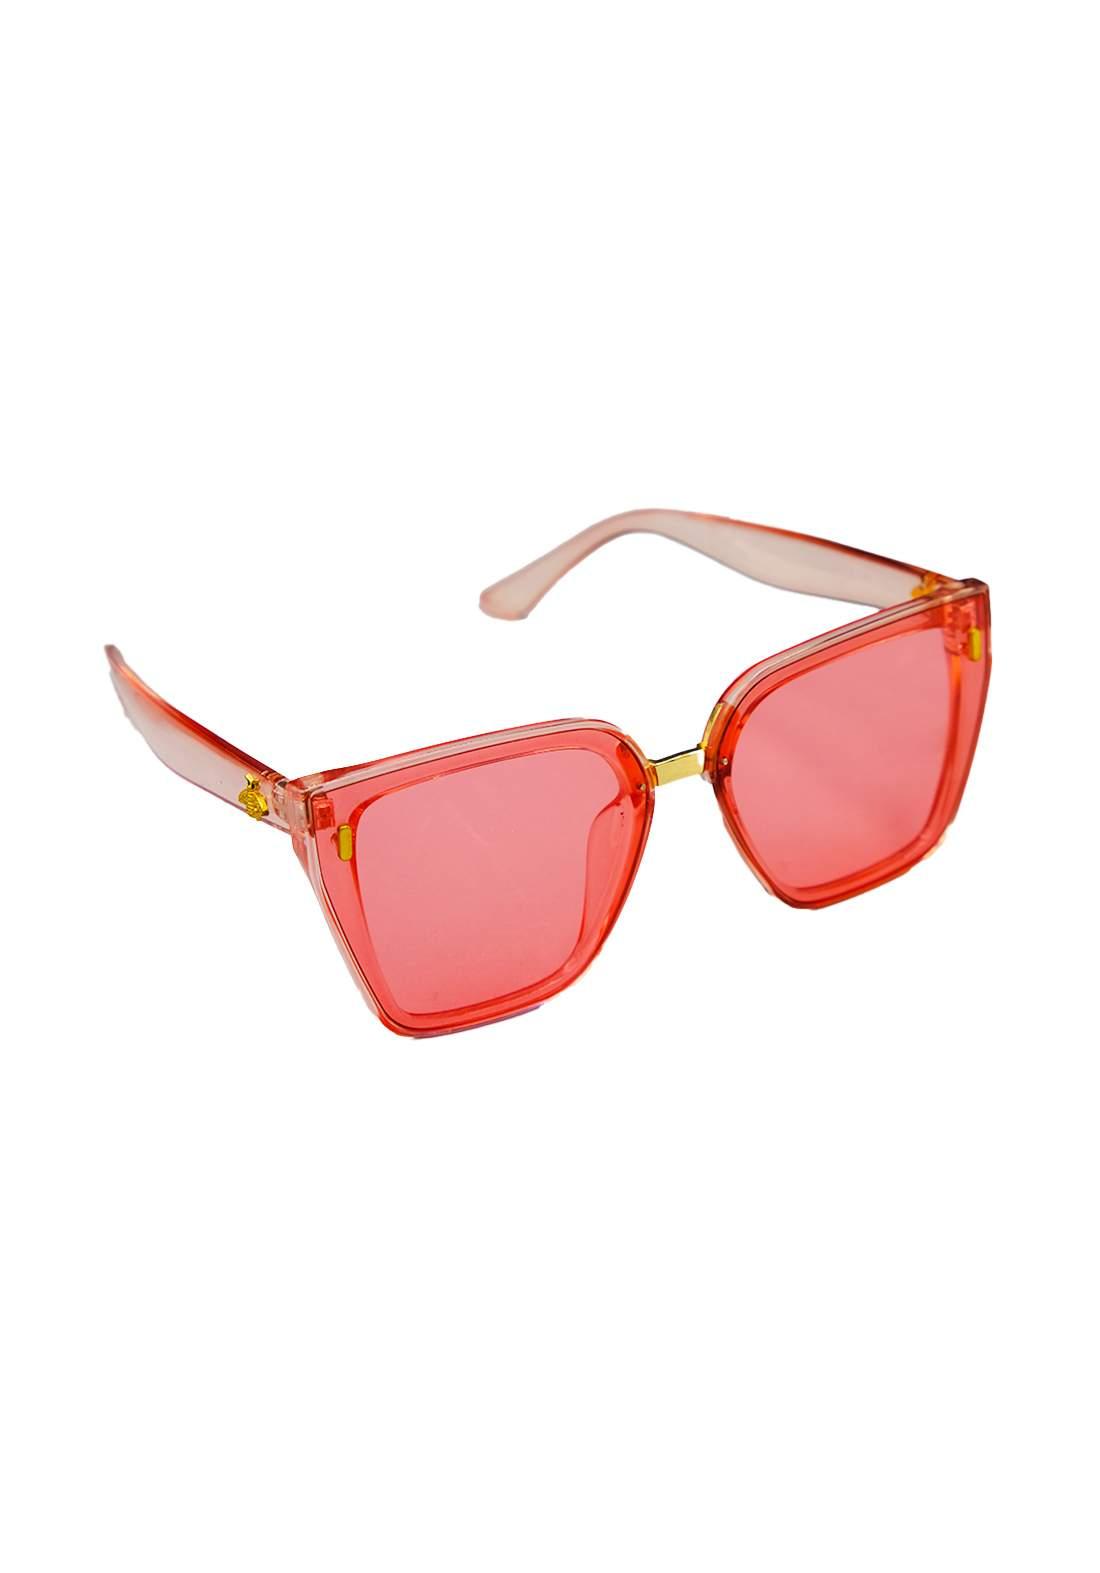 نظارات شمسية نسائية وردي اللون